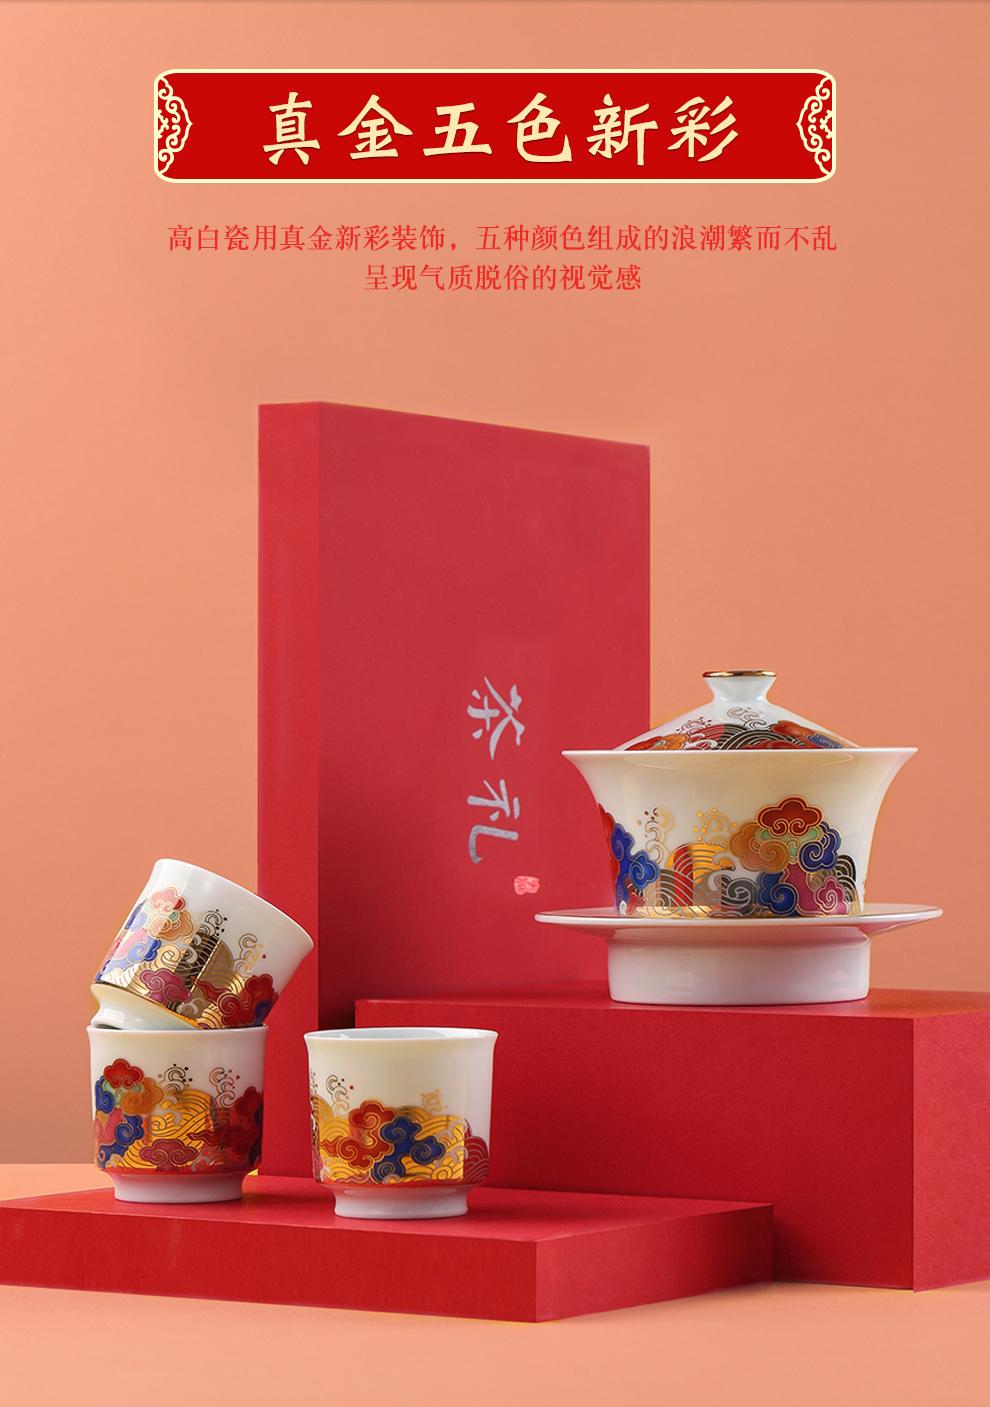 景德镇旗舰店陶瓷盖碗茶杯套装泡茶功夫茶具客厅会客家用礼盒装